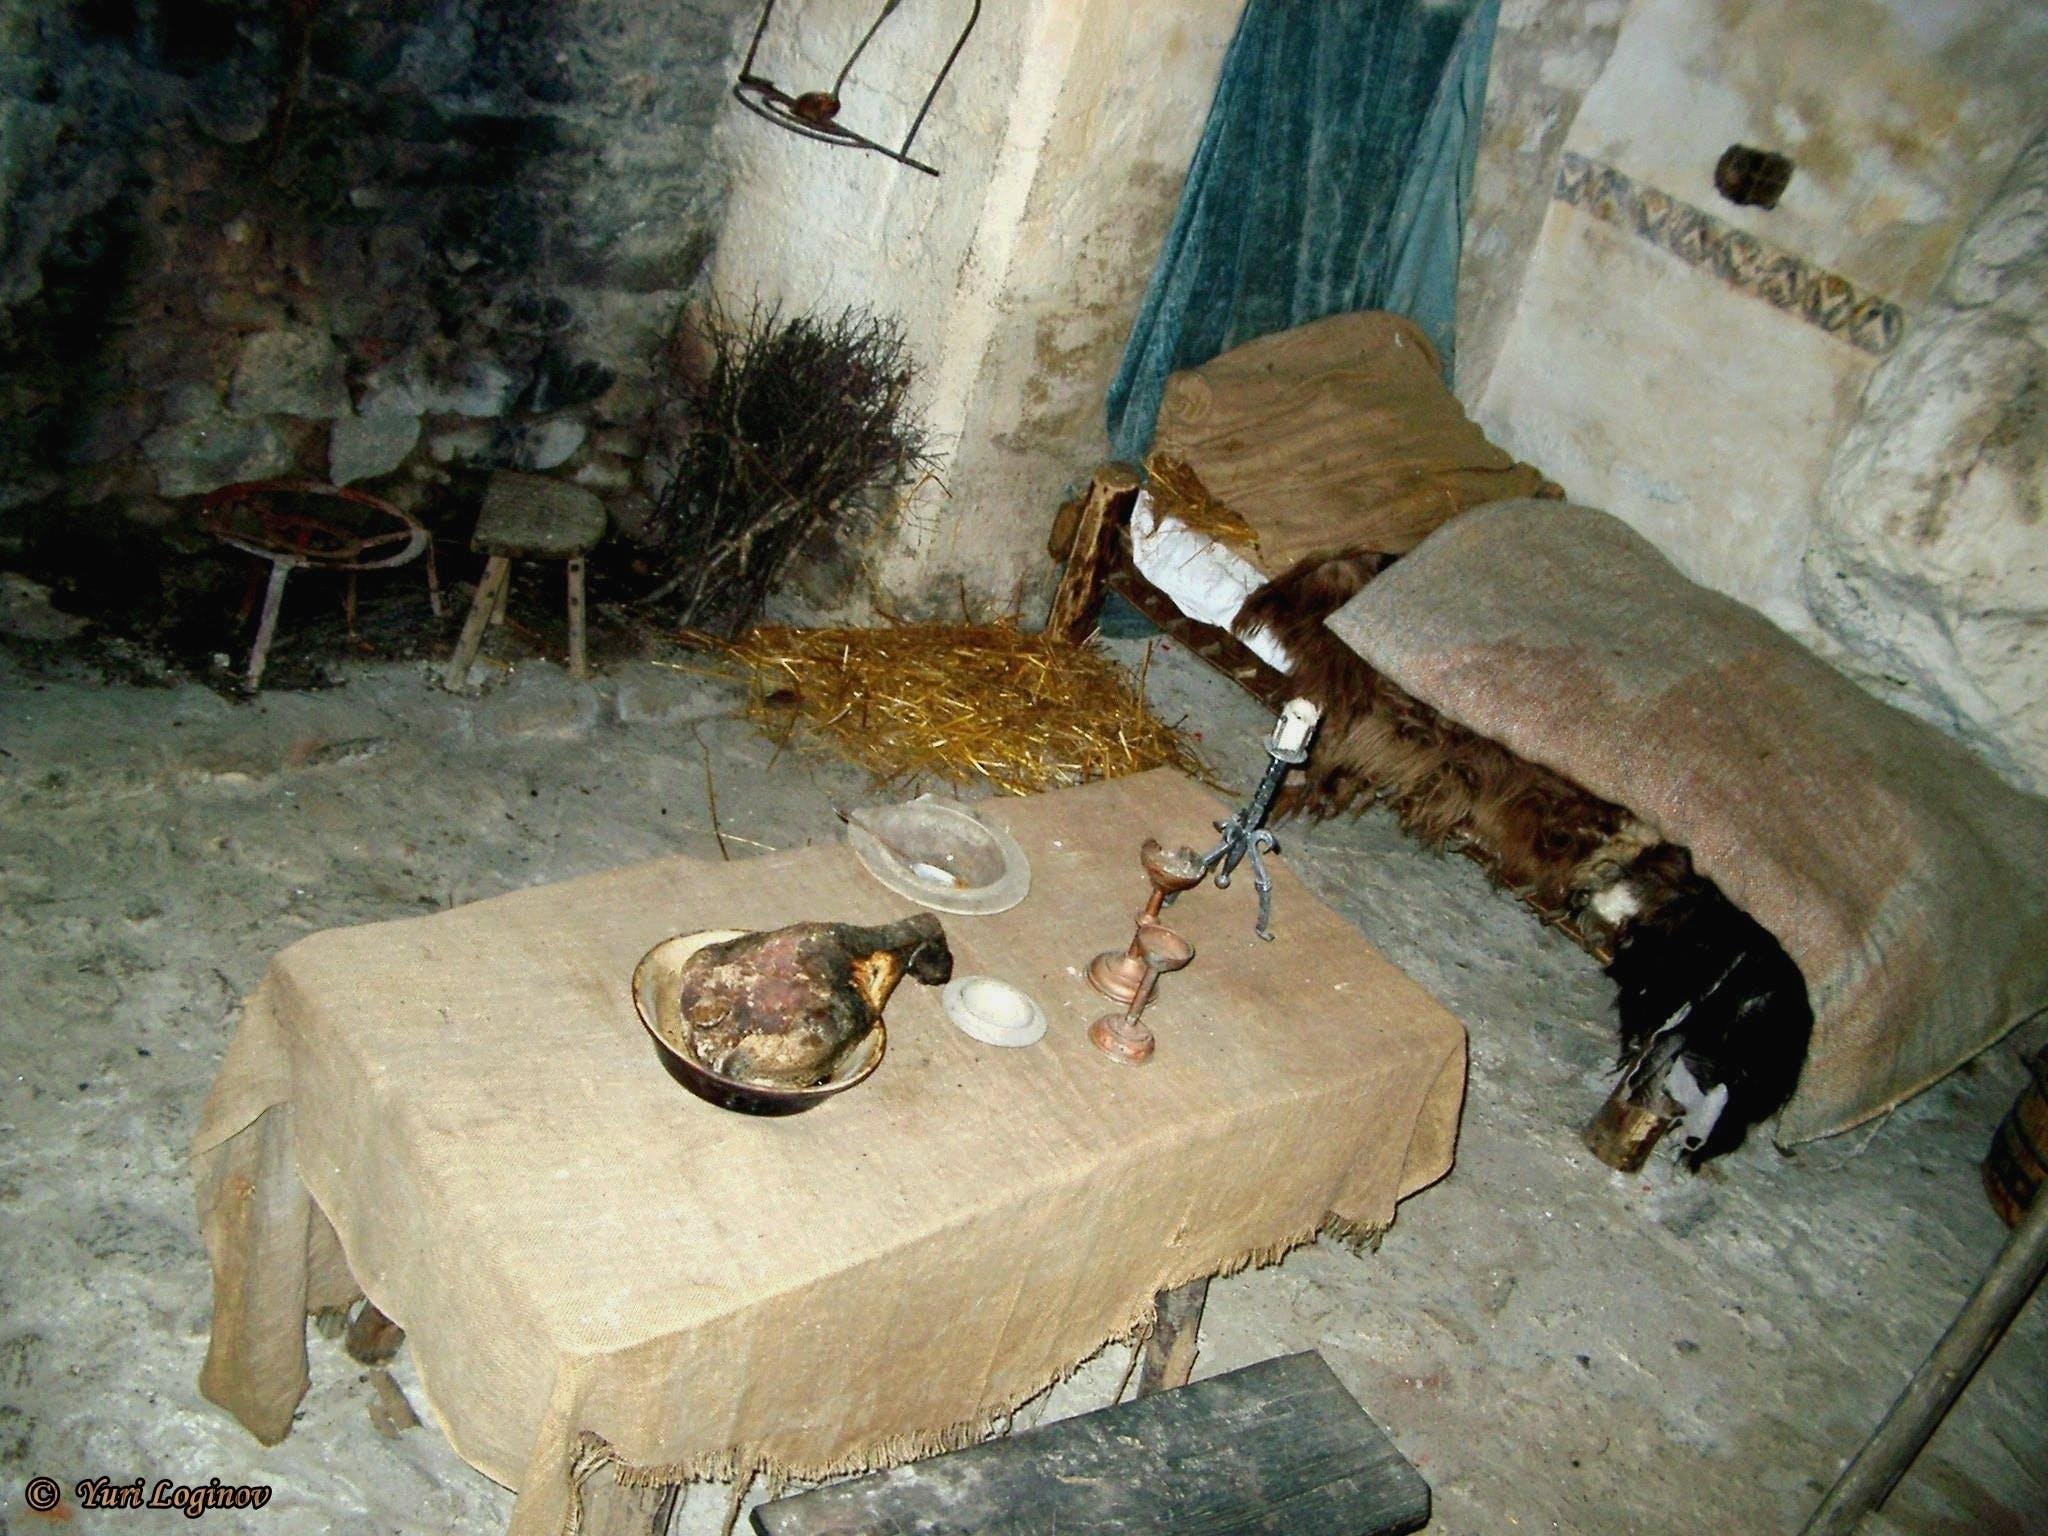 Free stock photo of france, Tours de Merle, Saint-Geniez-ô-Merle